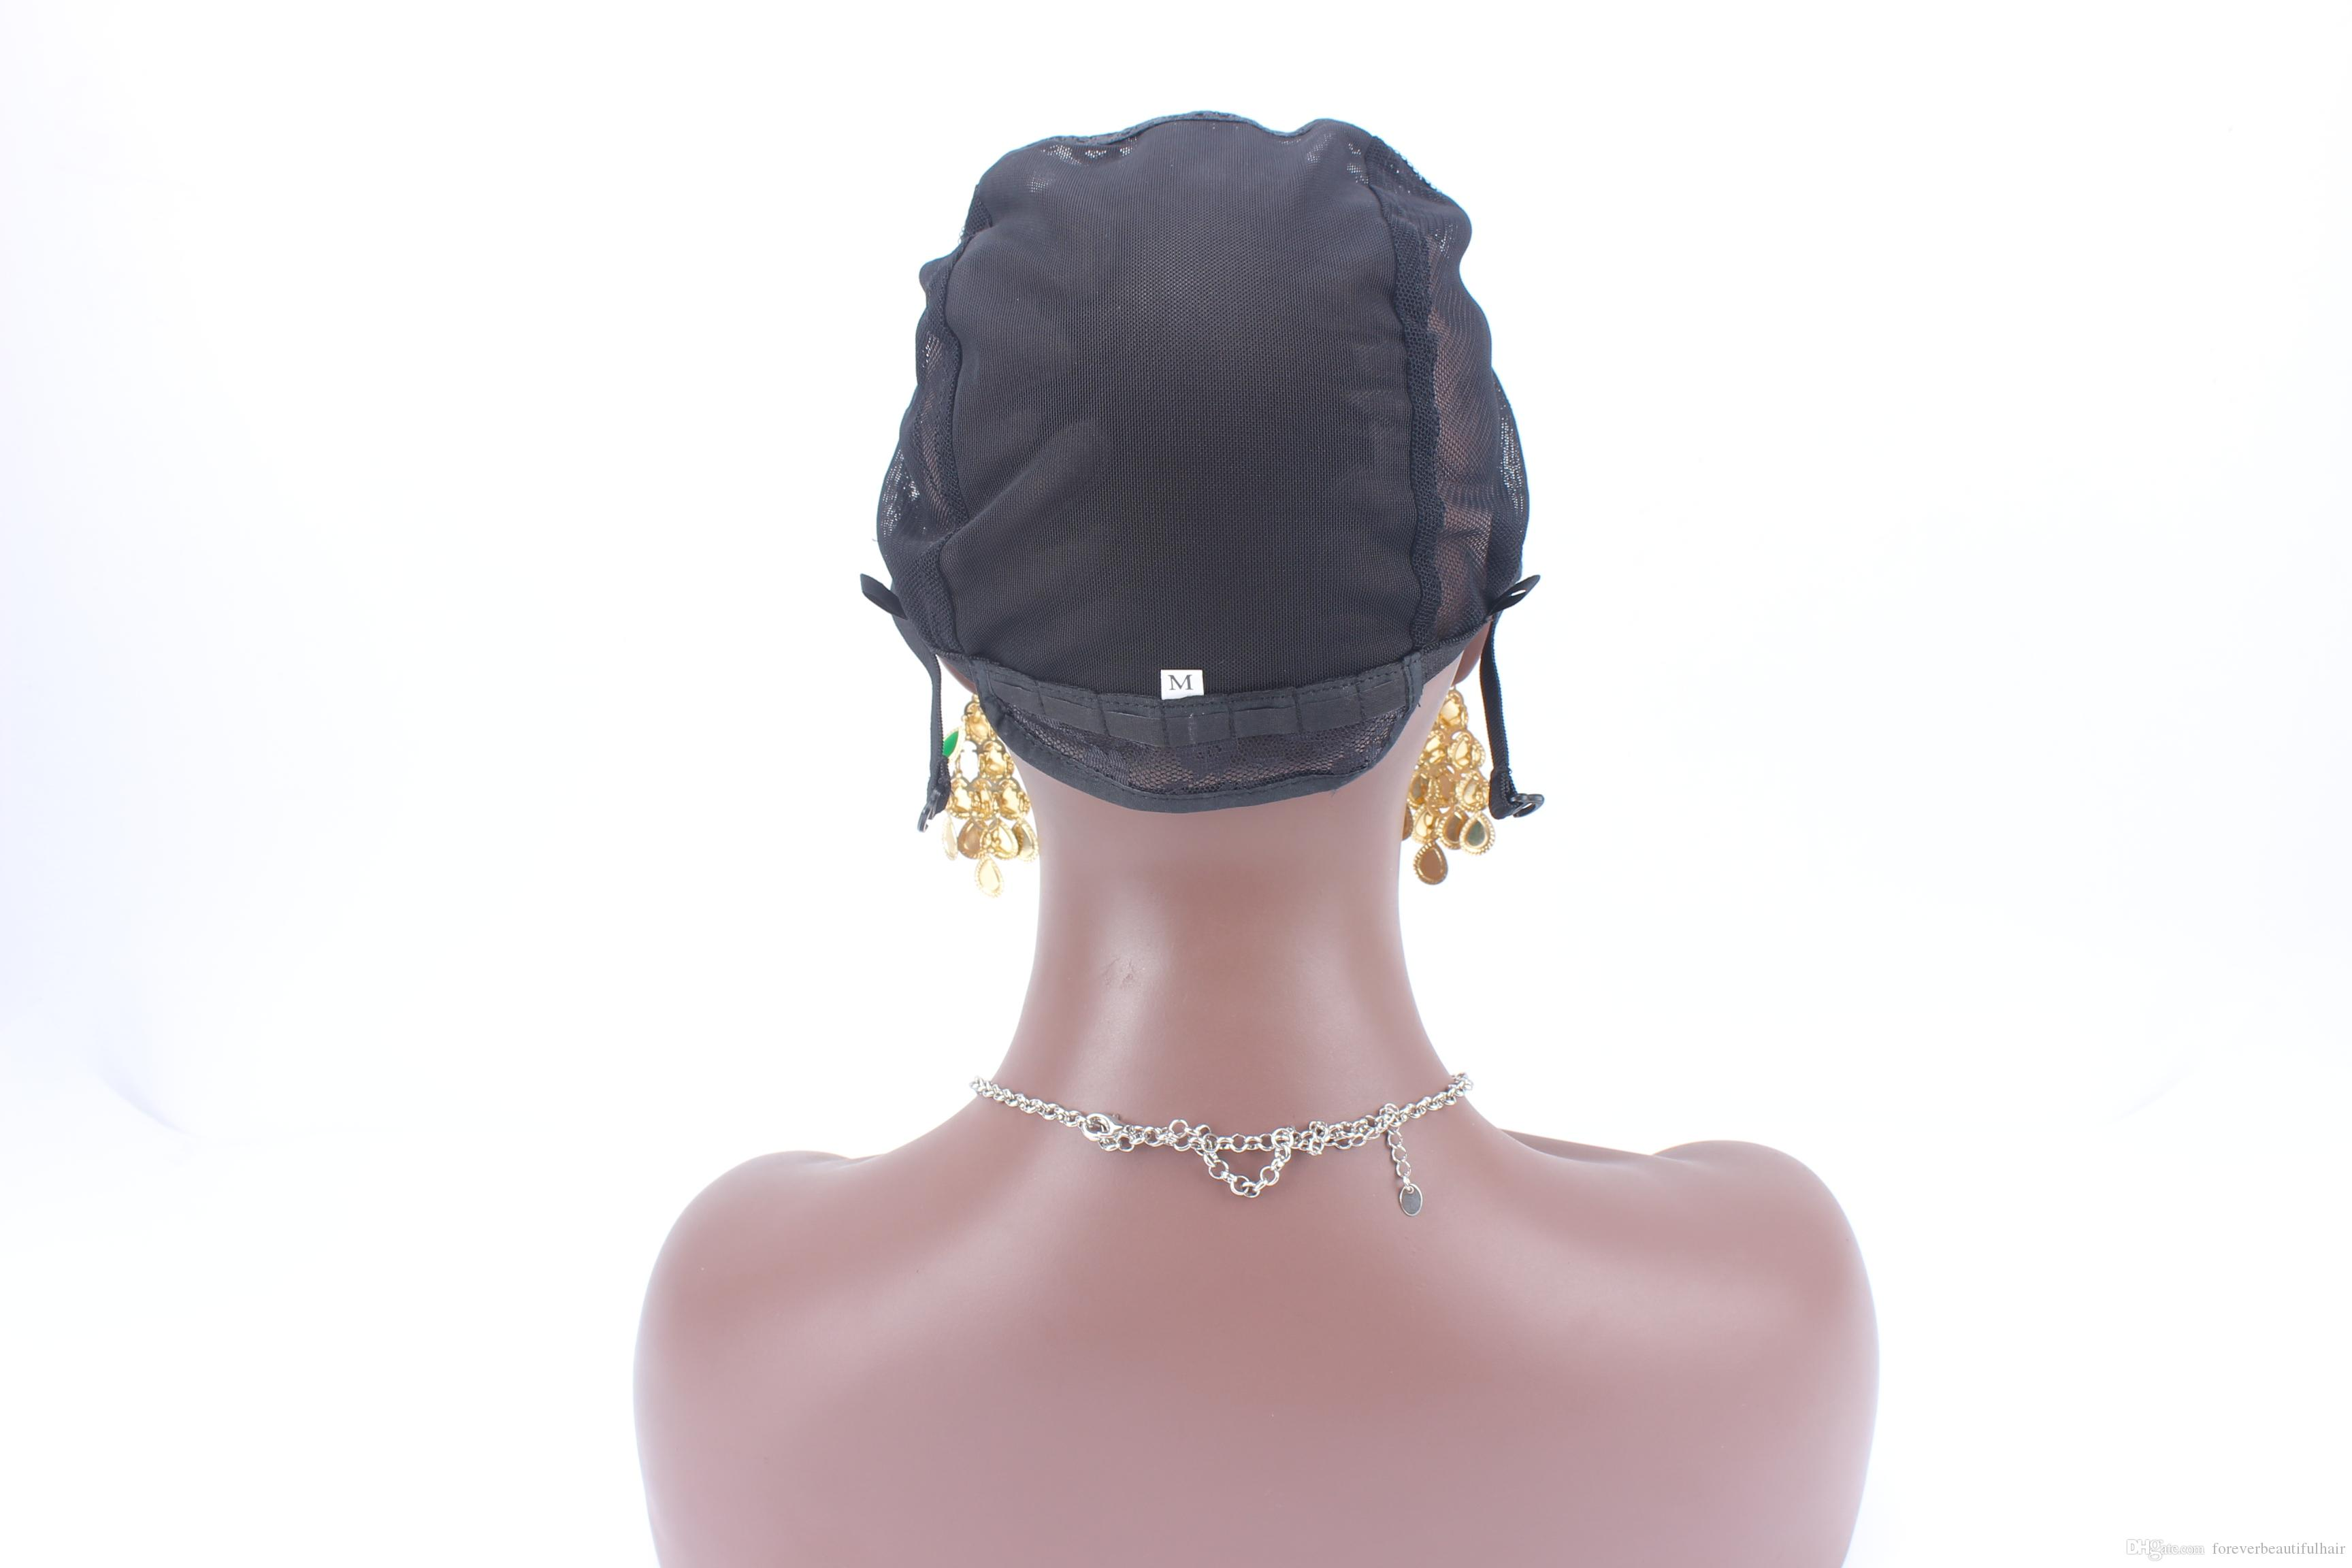 5 ADET U bölüm peruk kap S / M / L siyah renk ayarlanabilir peruk kapakları için dokuma sol / sağ / orta kısmı dokuma kap hızlı kargo